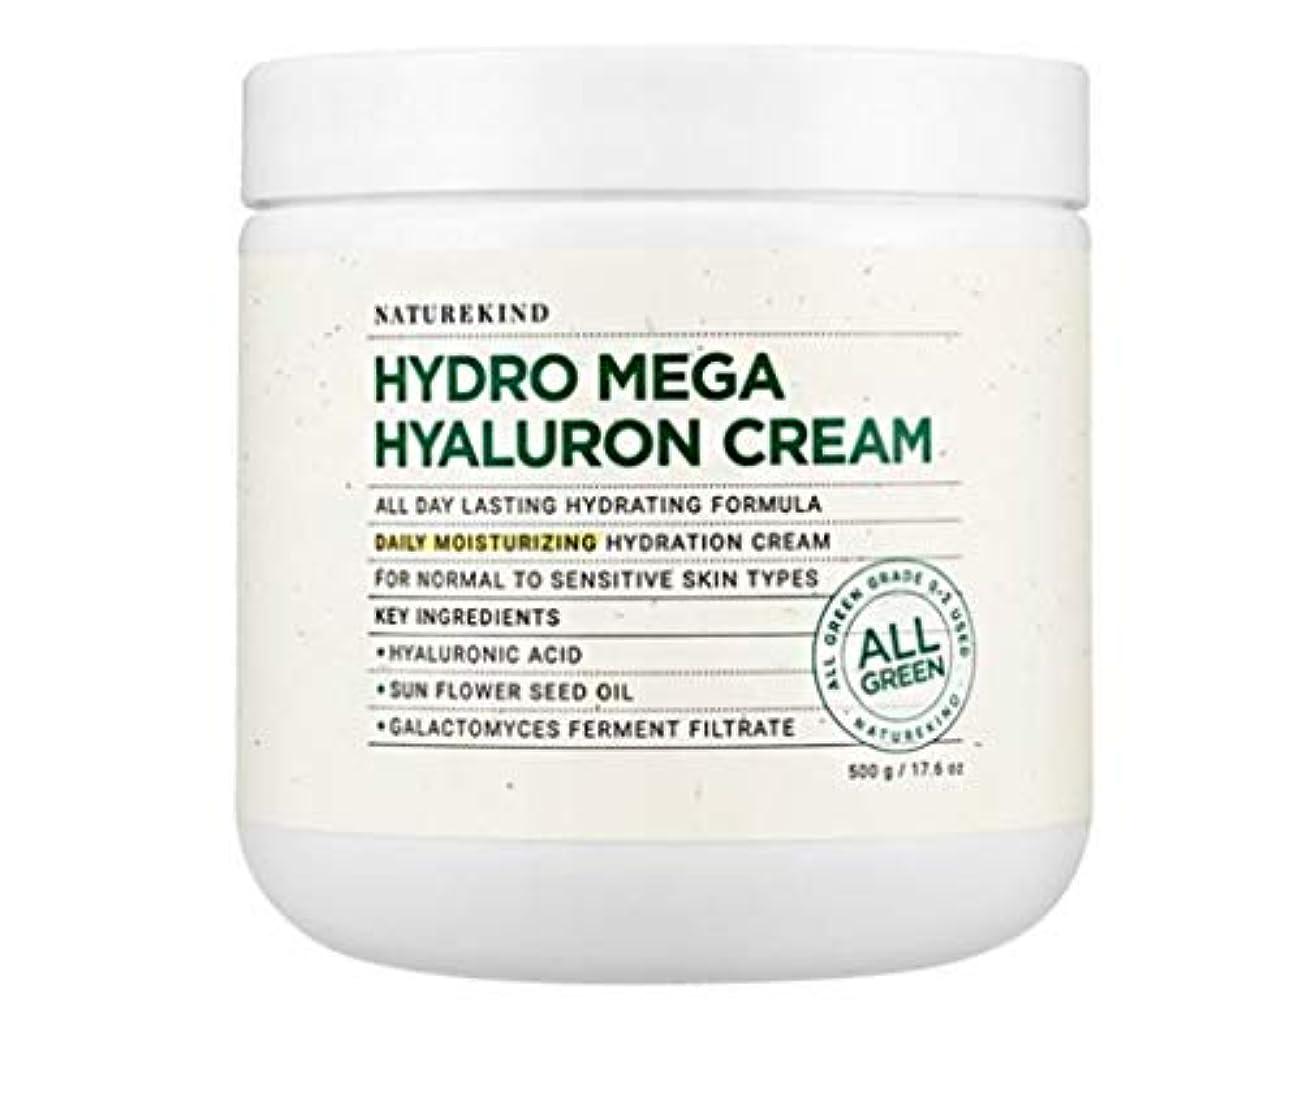 ホバー肌寒い現実的NATUREKIND HYALURON MEGA HYALURON CREAM ネイチャーカインドヒアルロン高濃縮水分保湿クリーム大容量500g(並行輸入品)